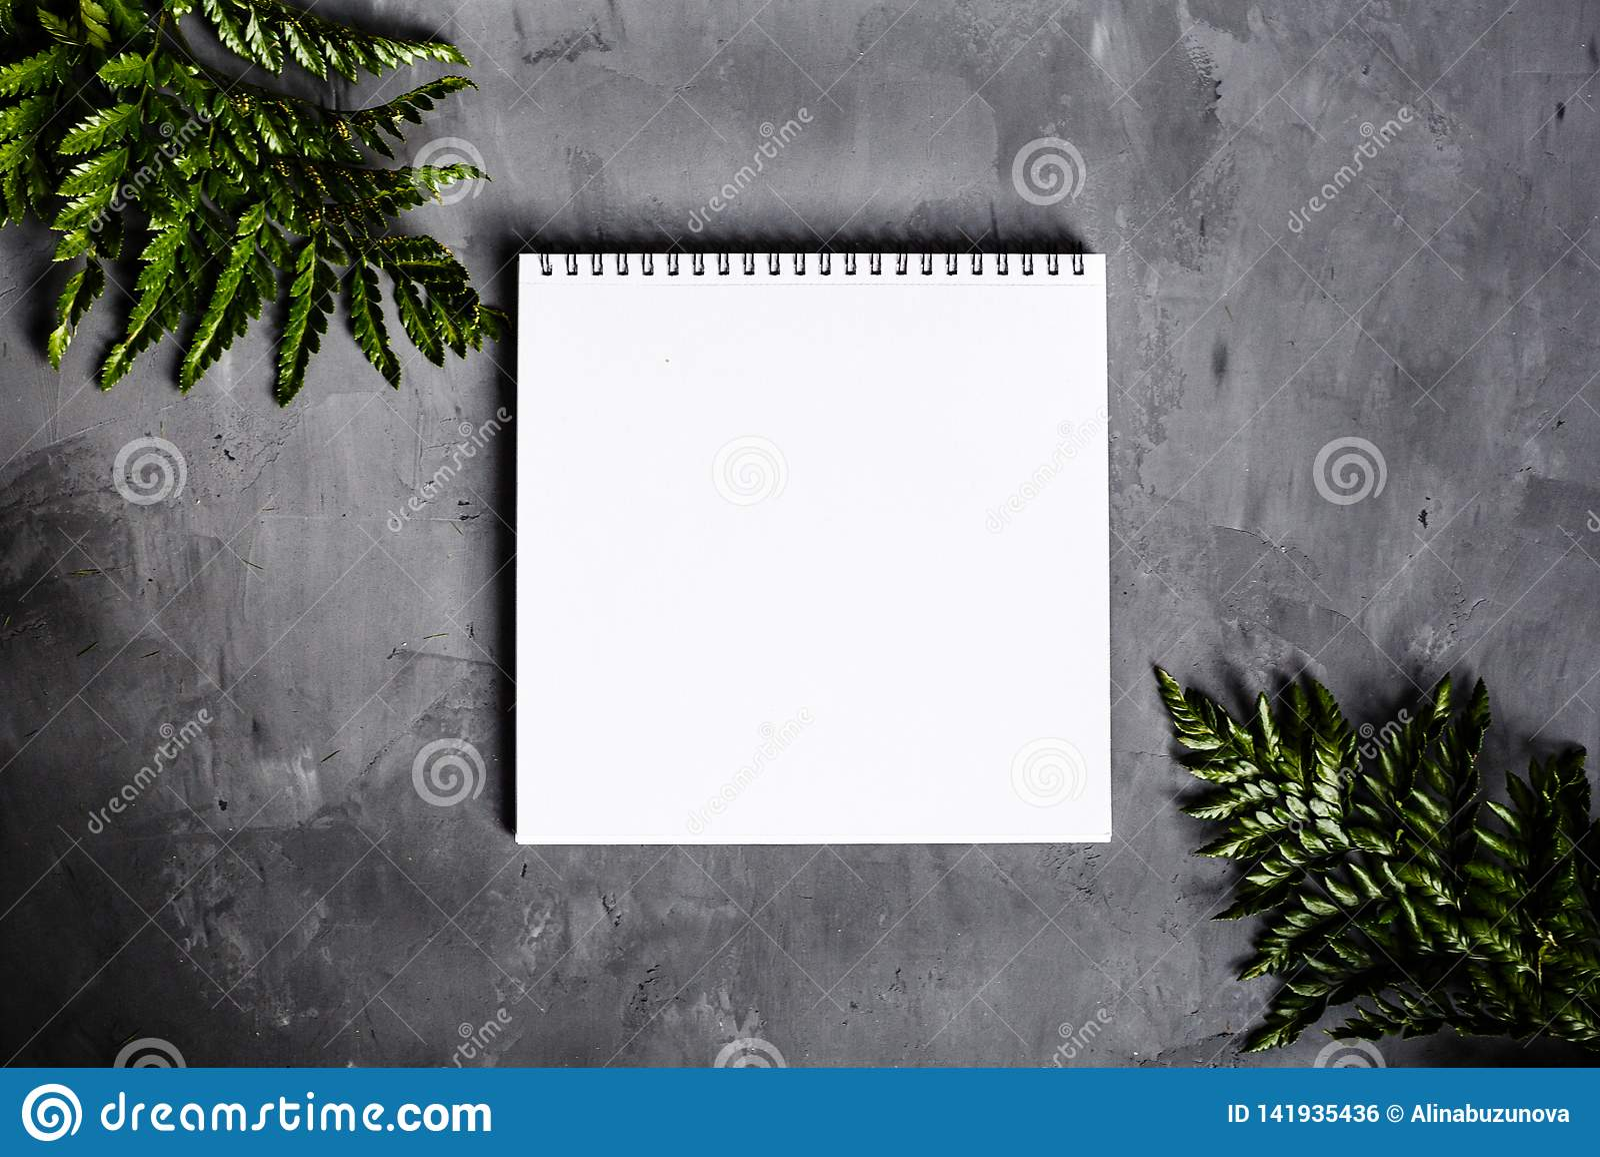 Σημειωματάριο και πράσινα φύλλα που βρίσκονται στο γκρίζο υπόβαθρο Επίπεδος βάλτε, τοπ άποψη τοποθετήστε το κείμενο